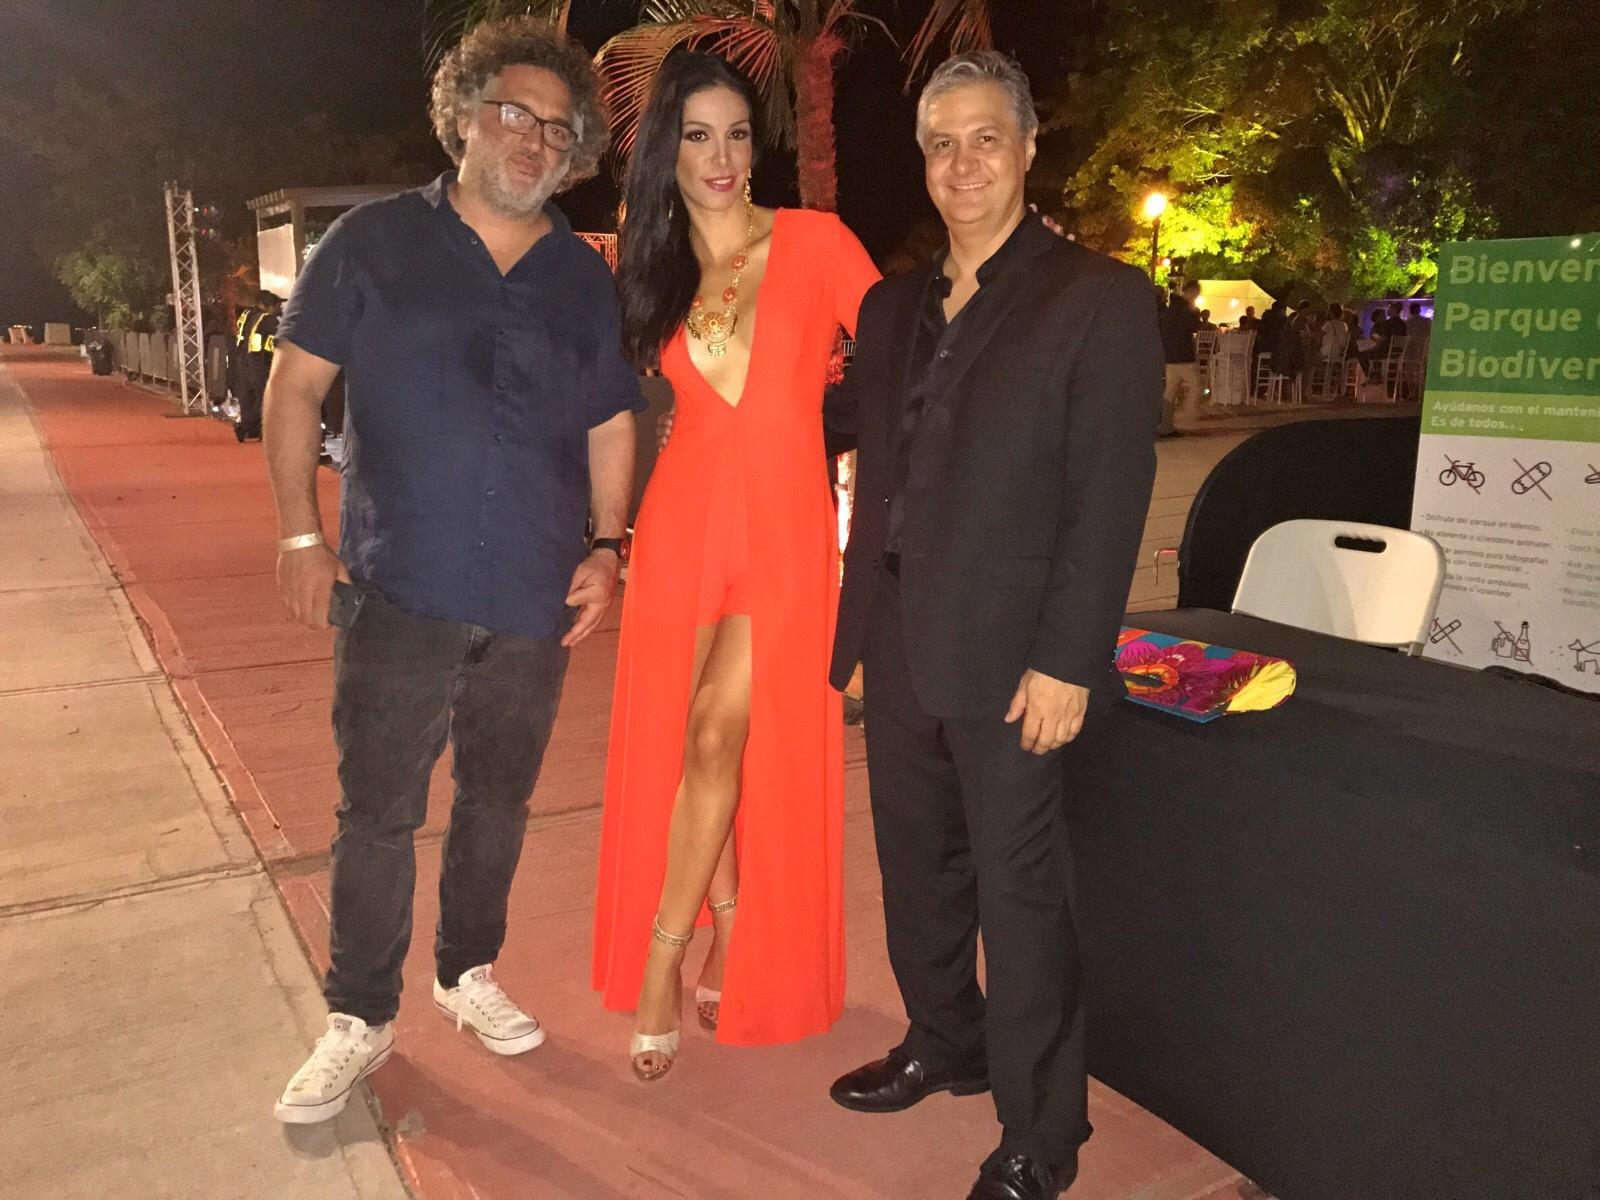 Directores Panameños Abner Benaim y Luis Pacheco